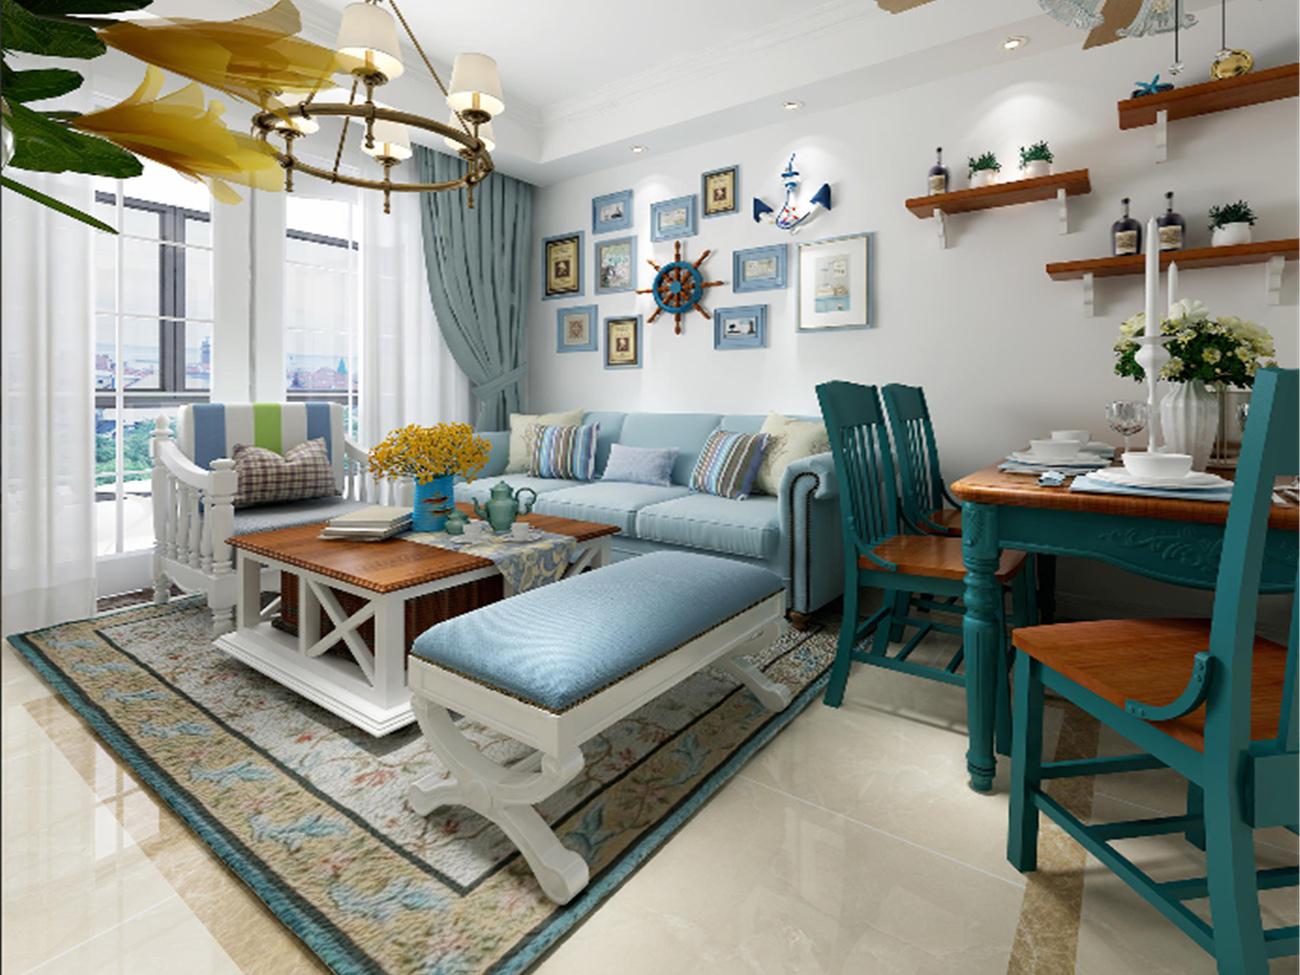 室内瓷砖选择类型这么多哪个好?